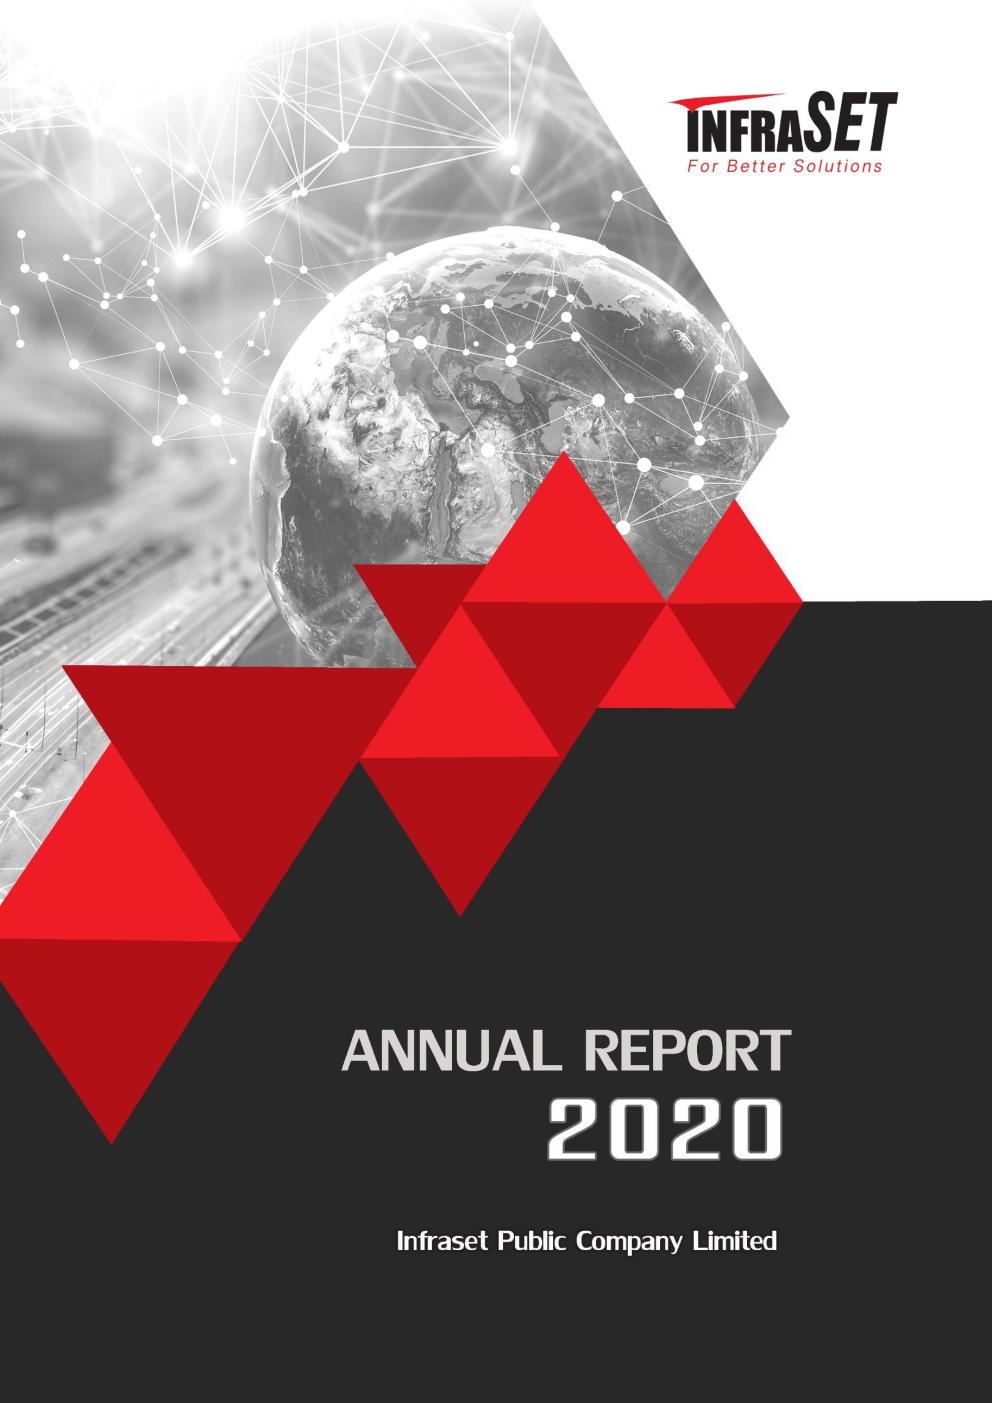 หน้าปก EN_INSET-2020-Annual Report